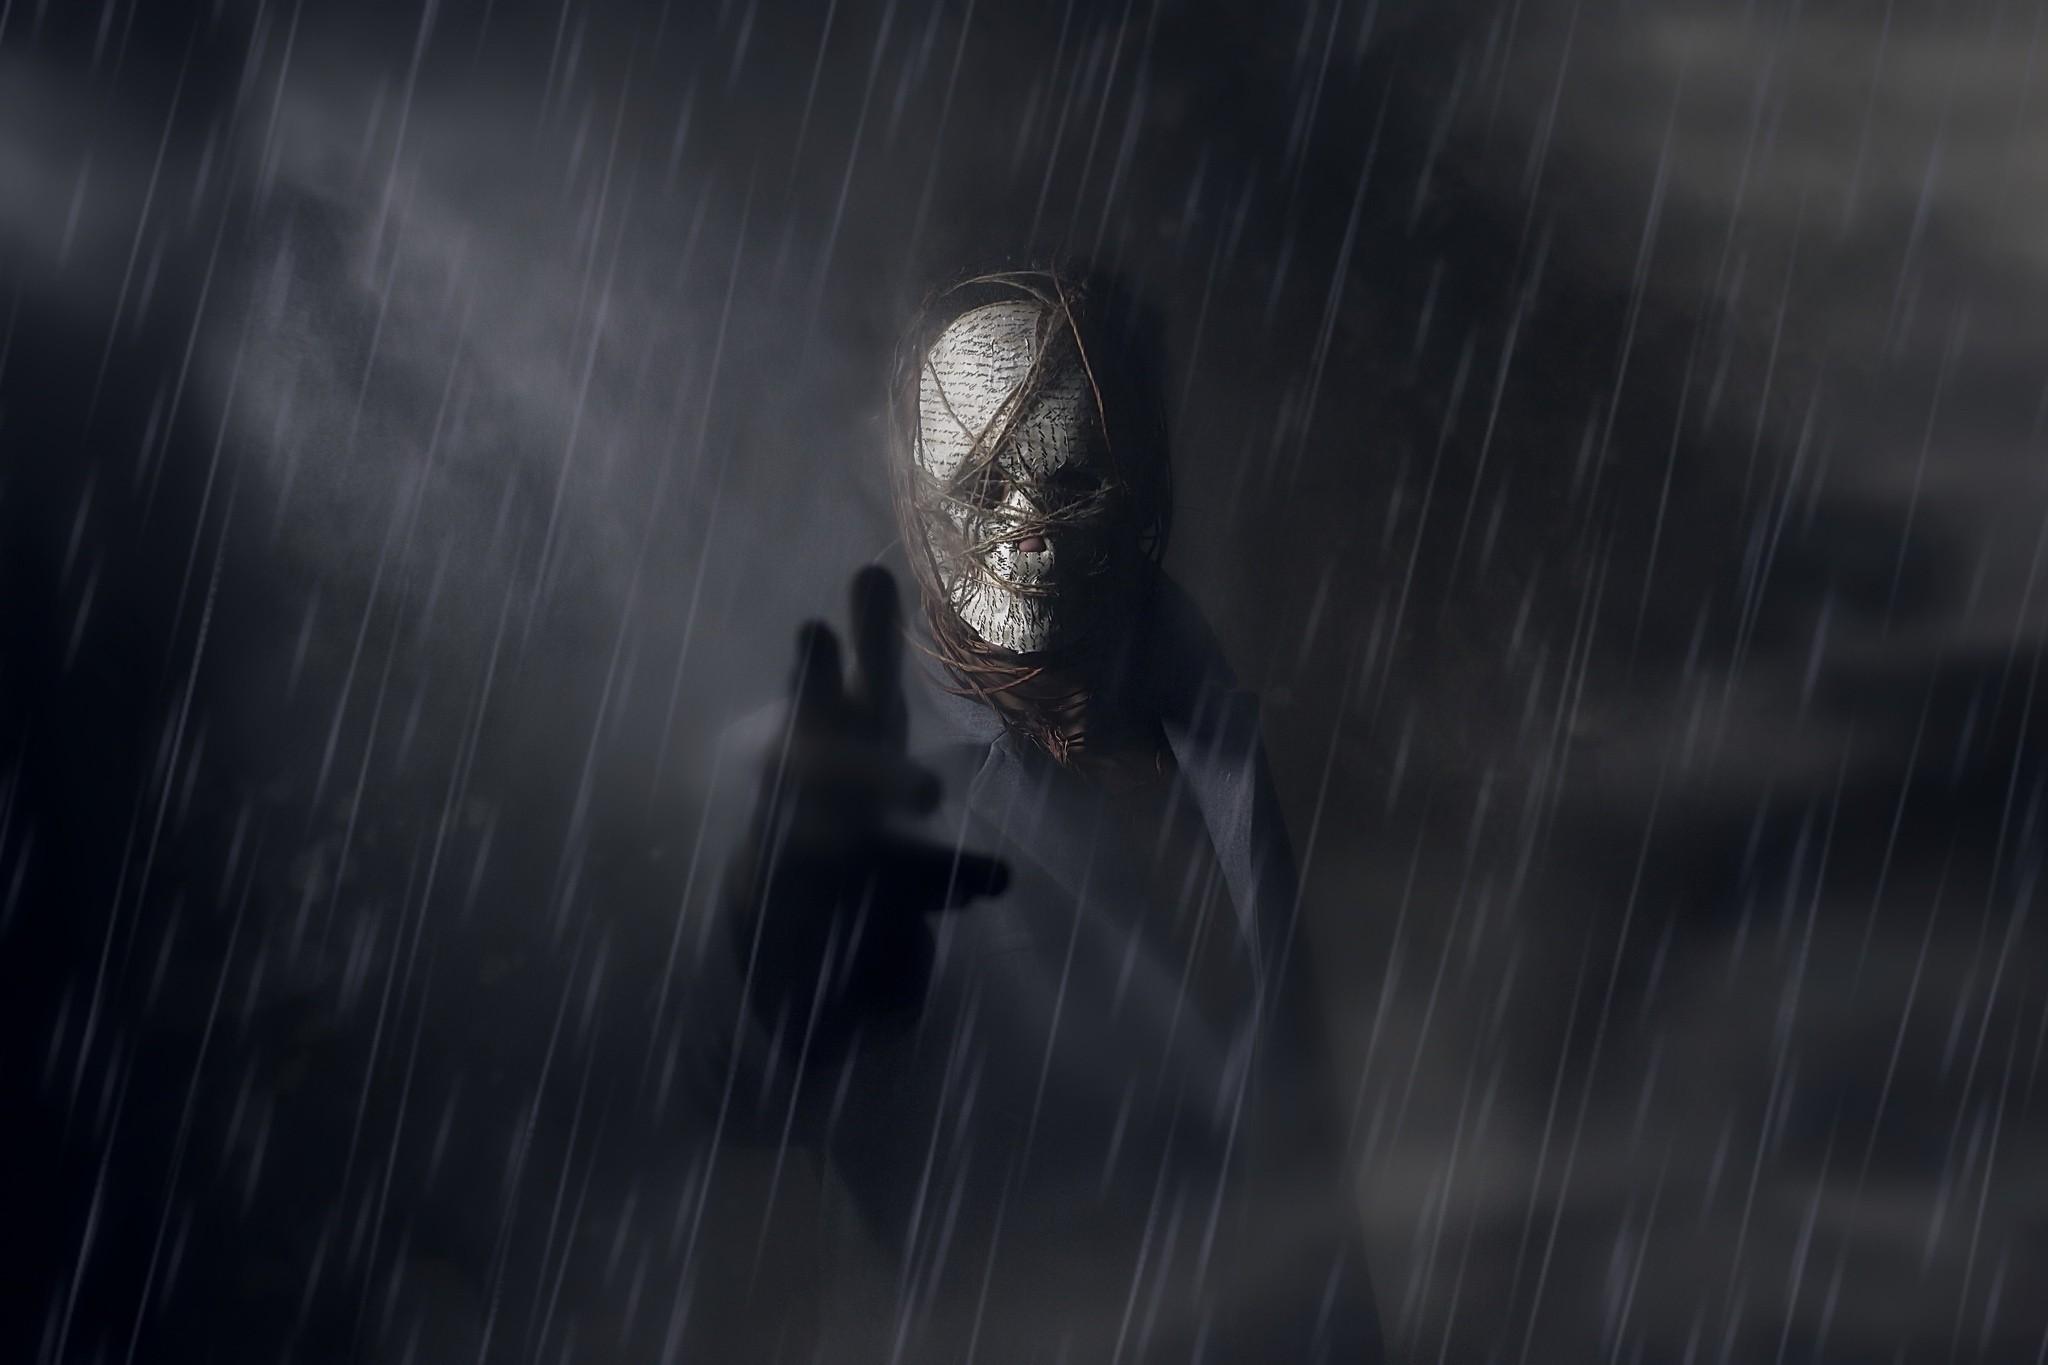 デスクトップ壁紙 ファンタジーアート ダーク 不気味な 雨